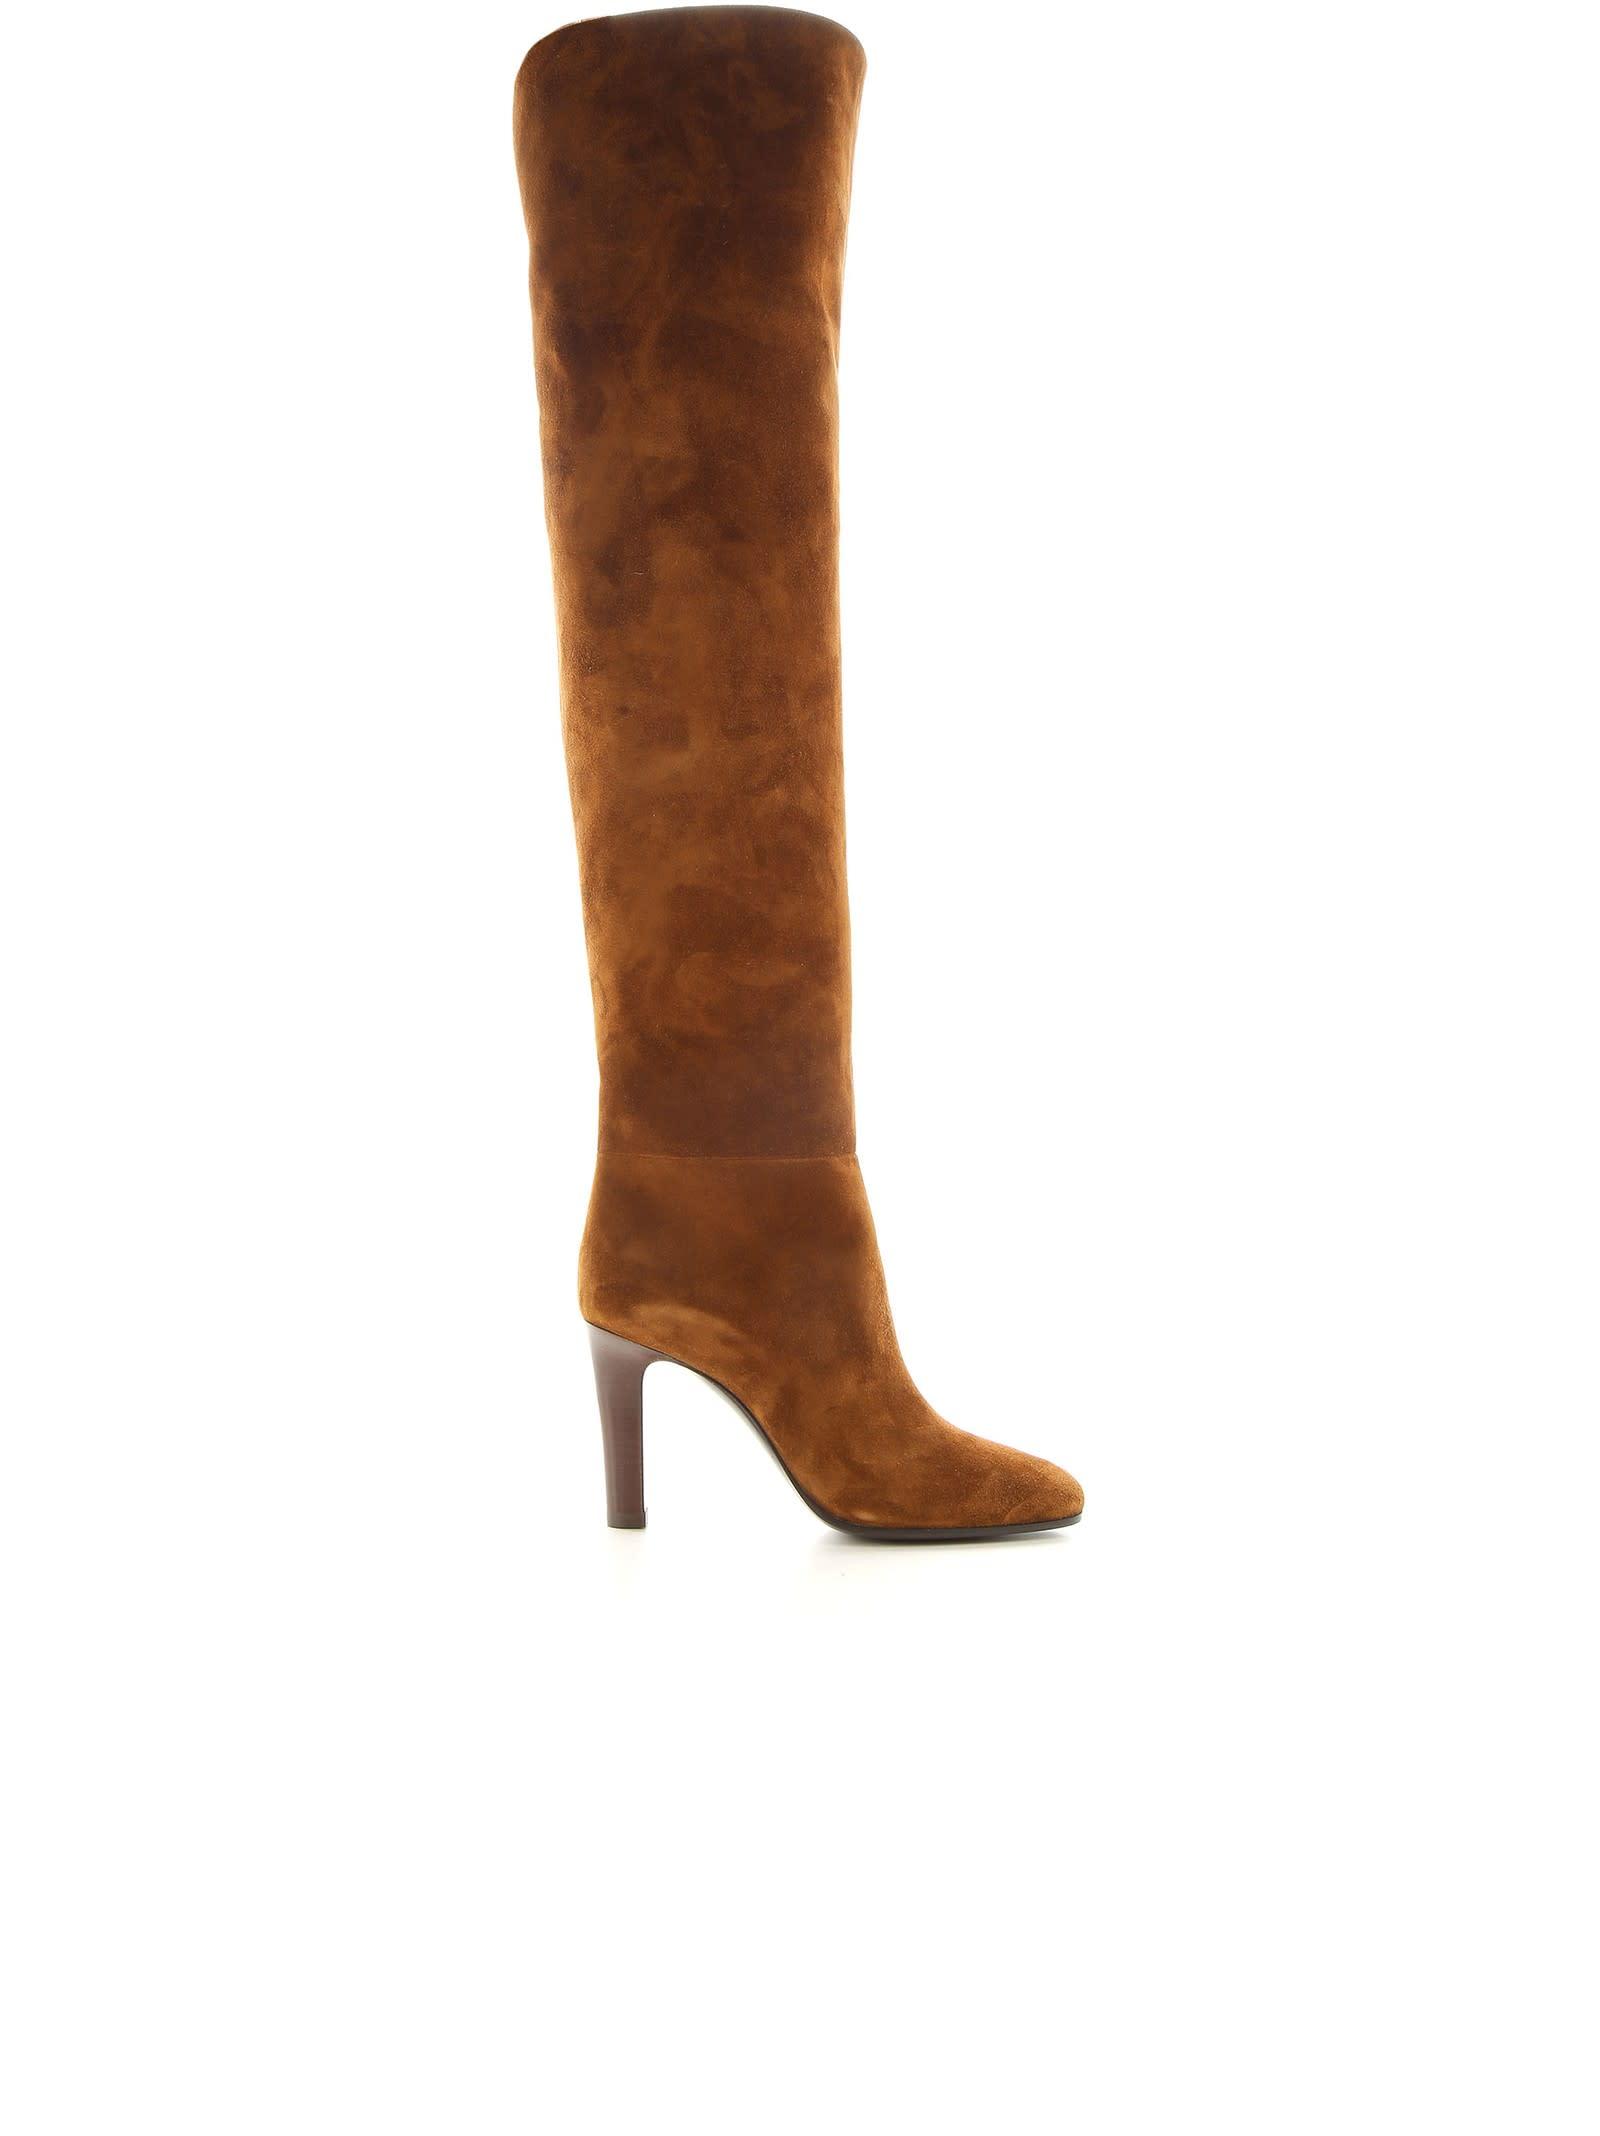 Saint Laurent Brown Suede Blu 90 Boots